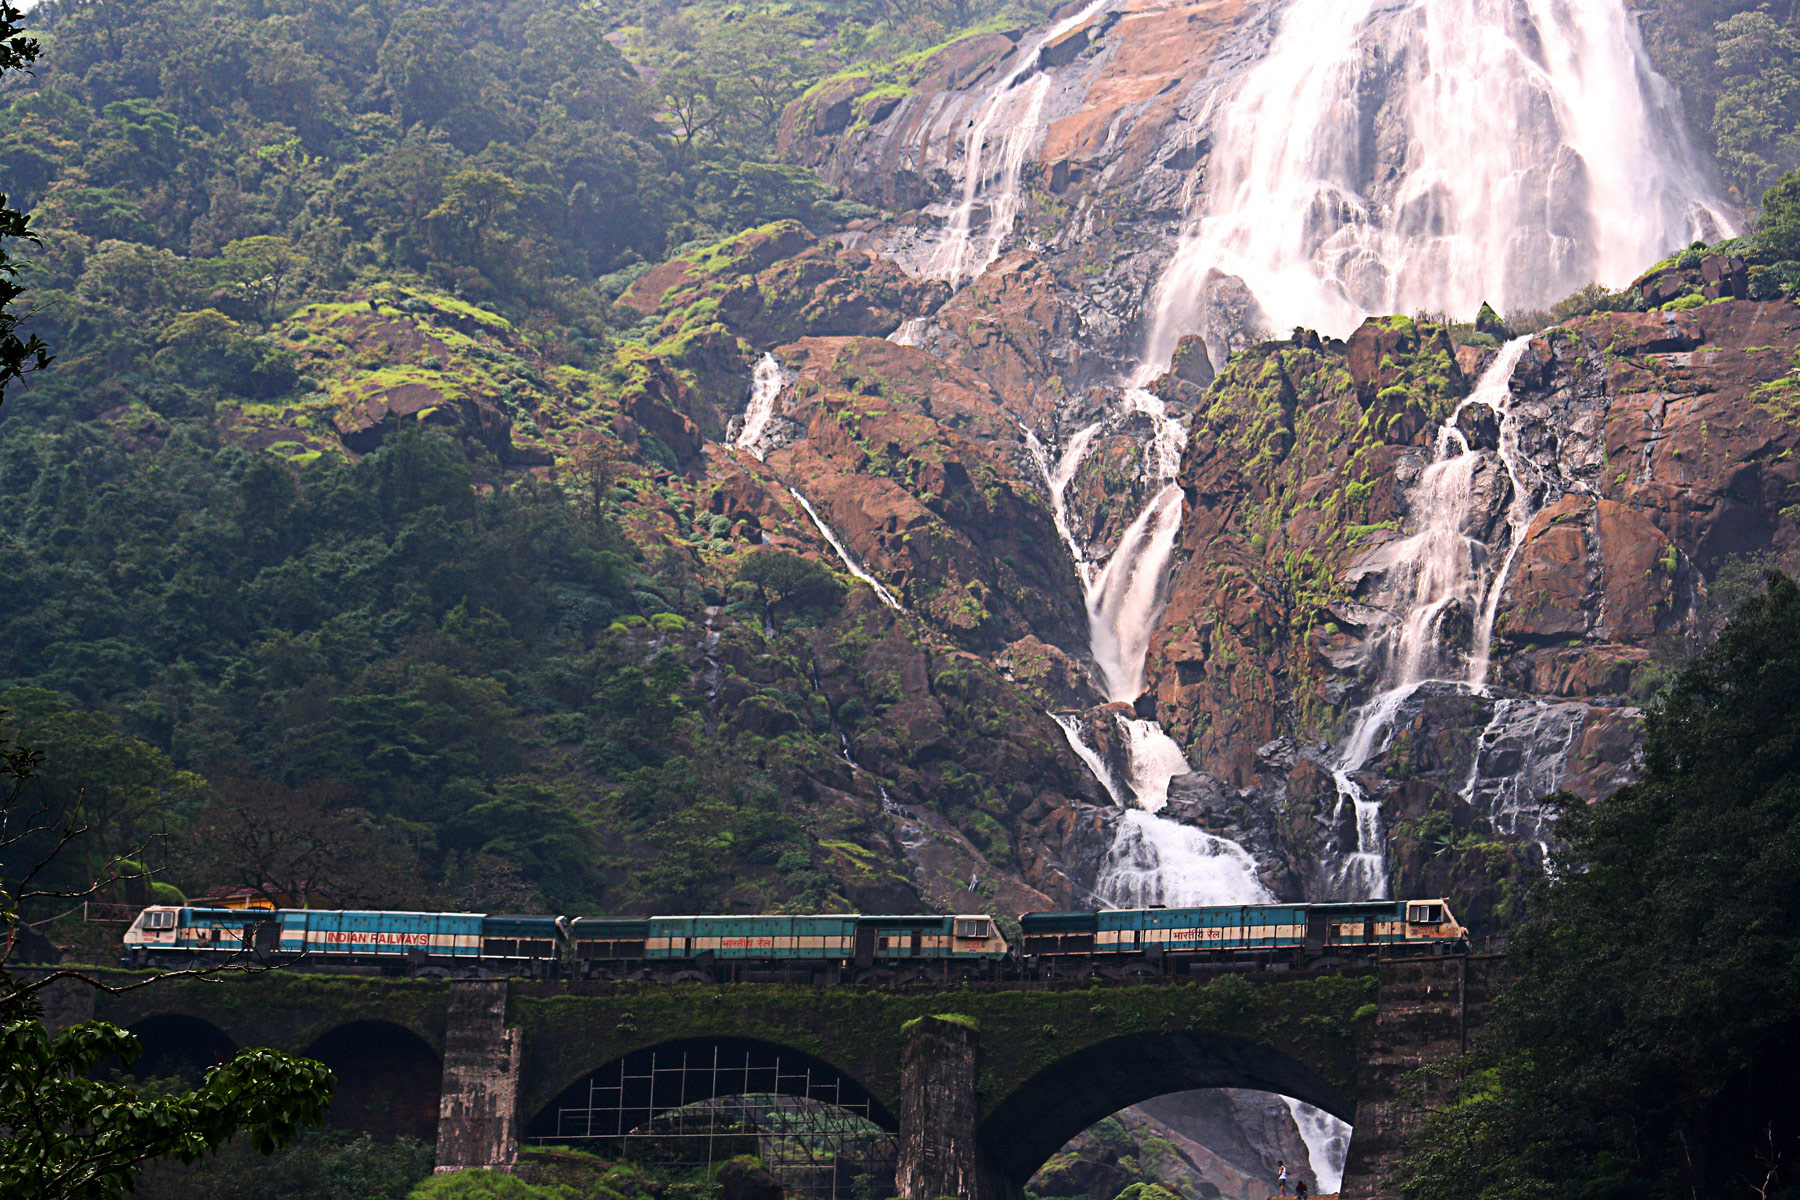 Doodhsagar Falls in Goa | © Purshi/WikiCommons